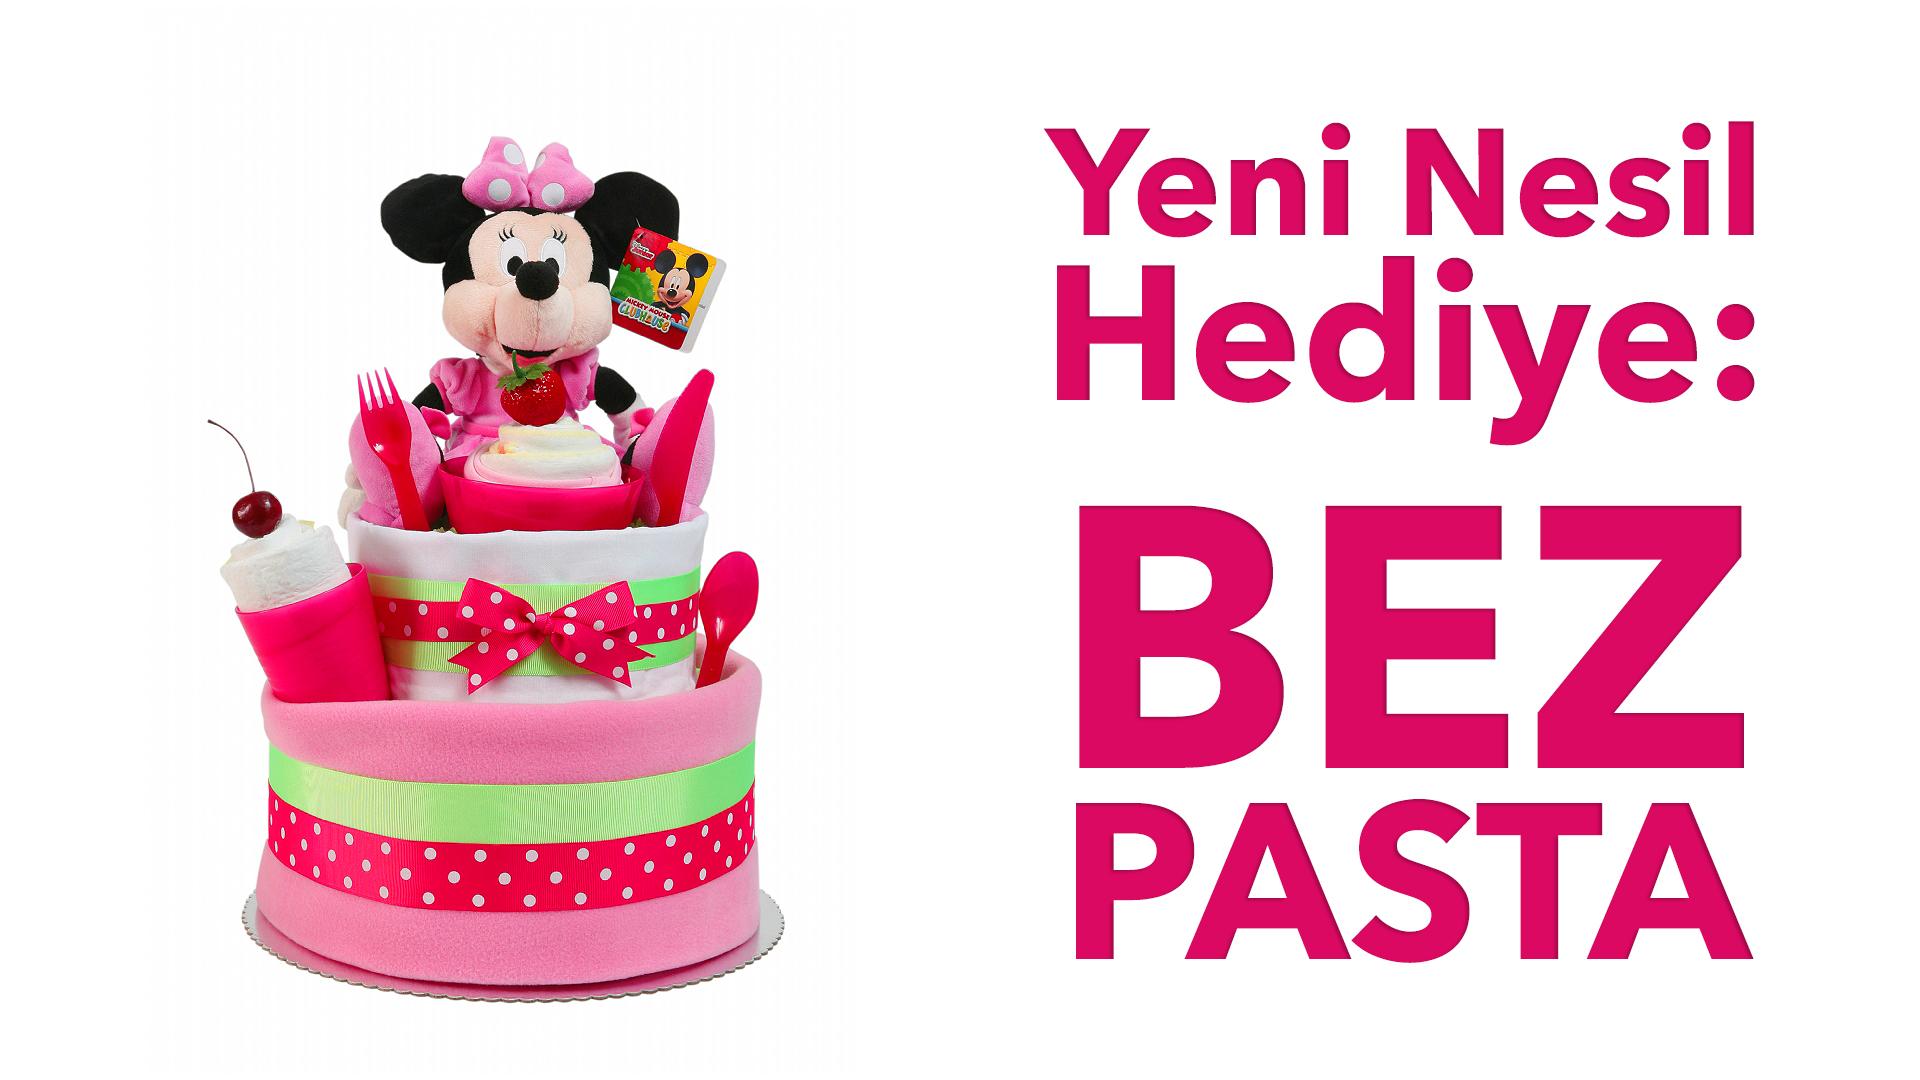 Yenidoğan Bebekler İçin Hediye Alternatifi: Bez Pasta!